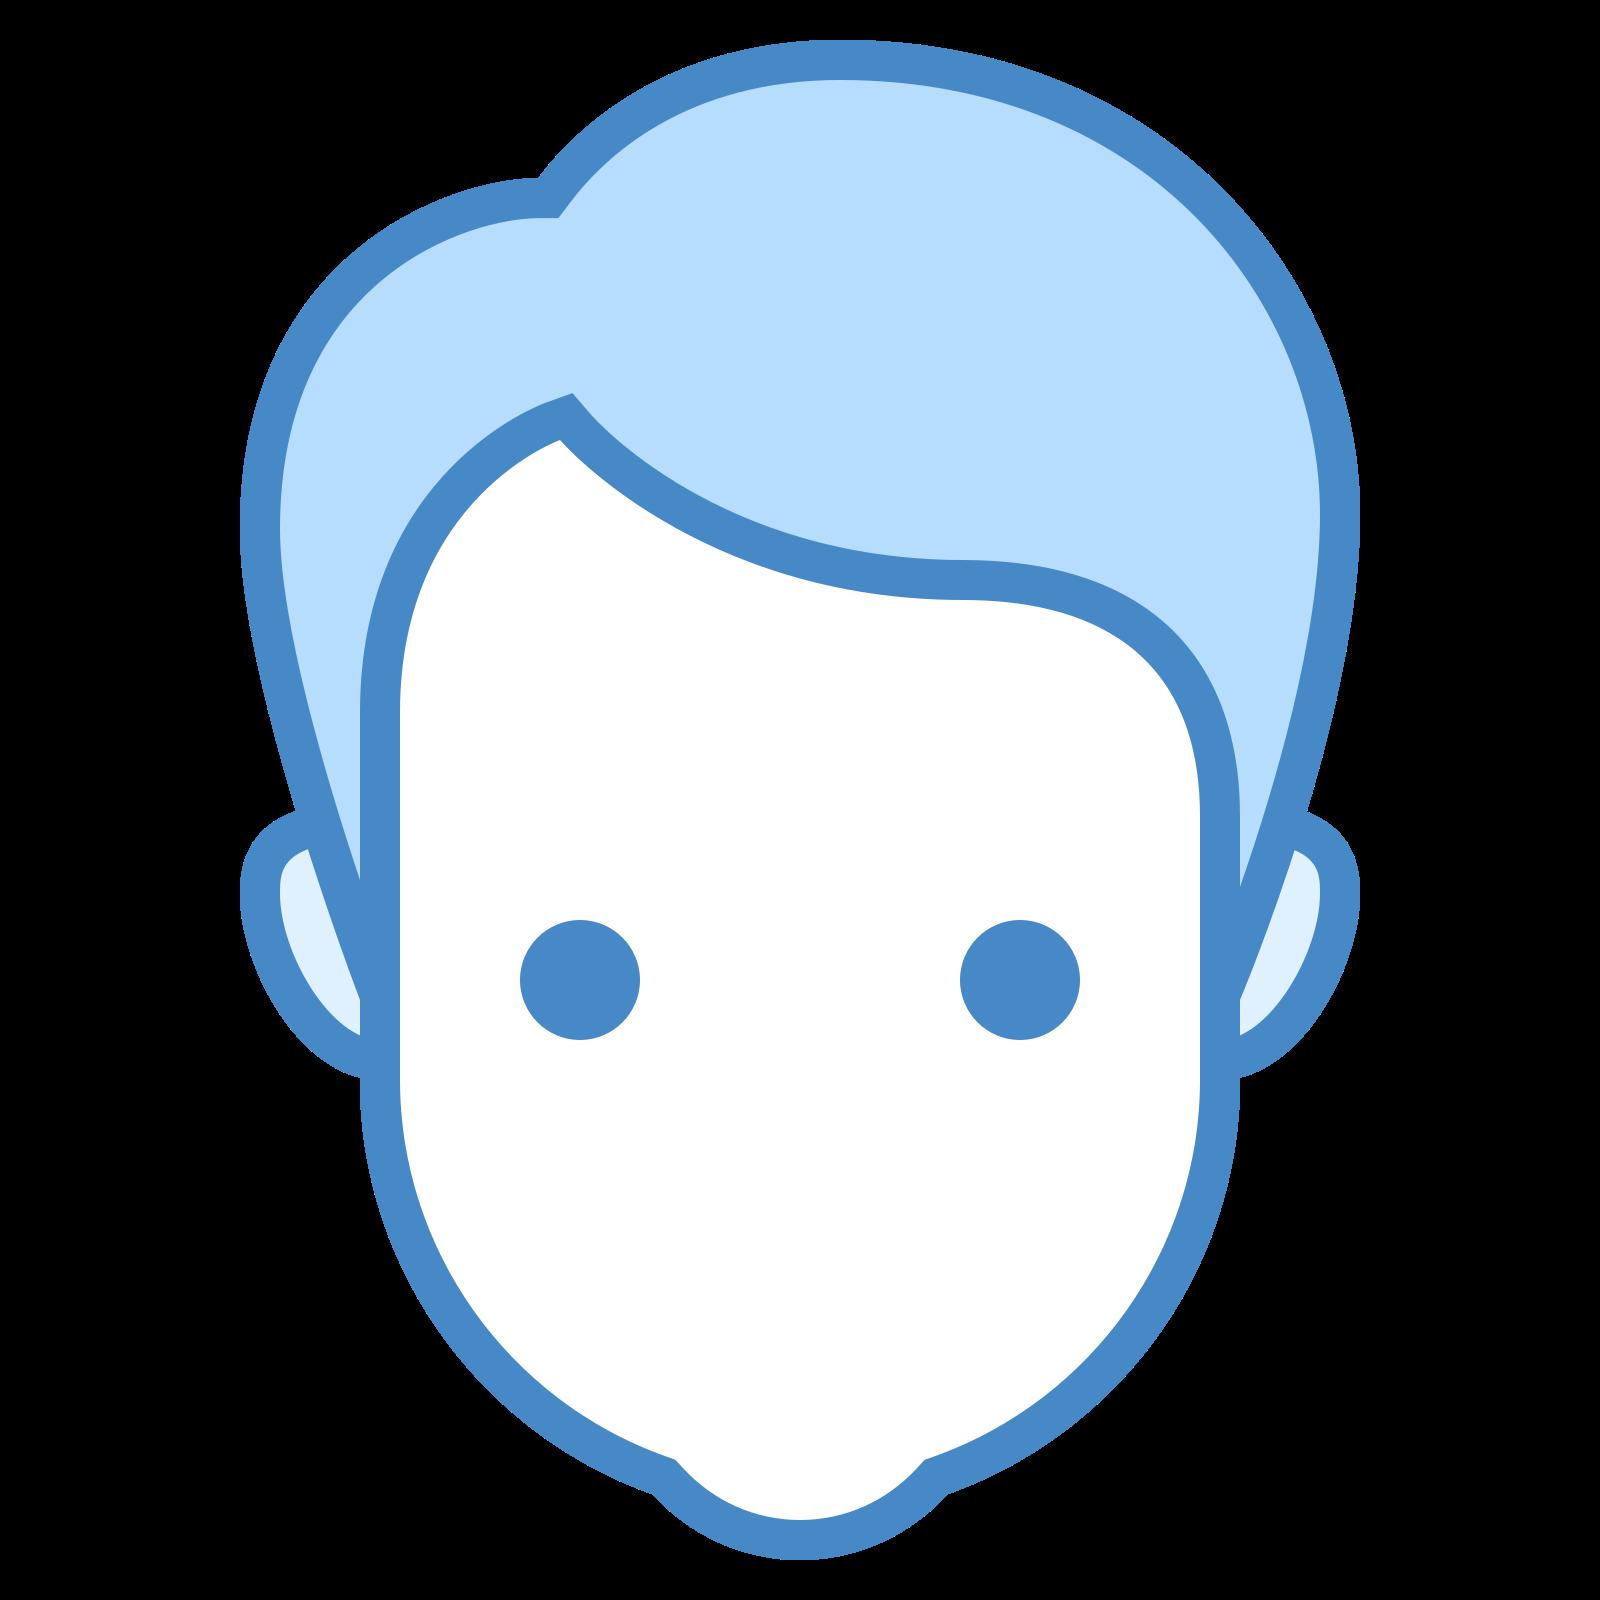 人的头部 icon